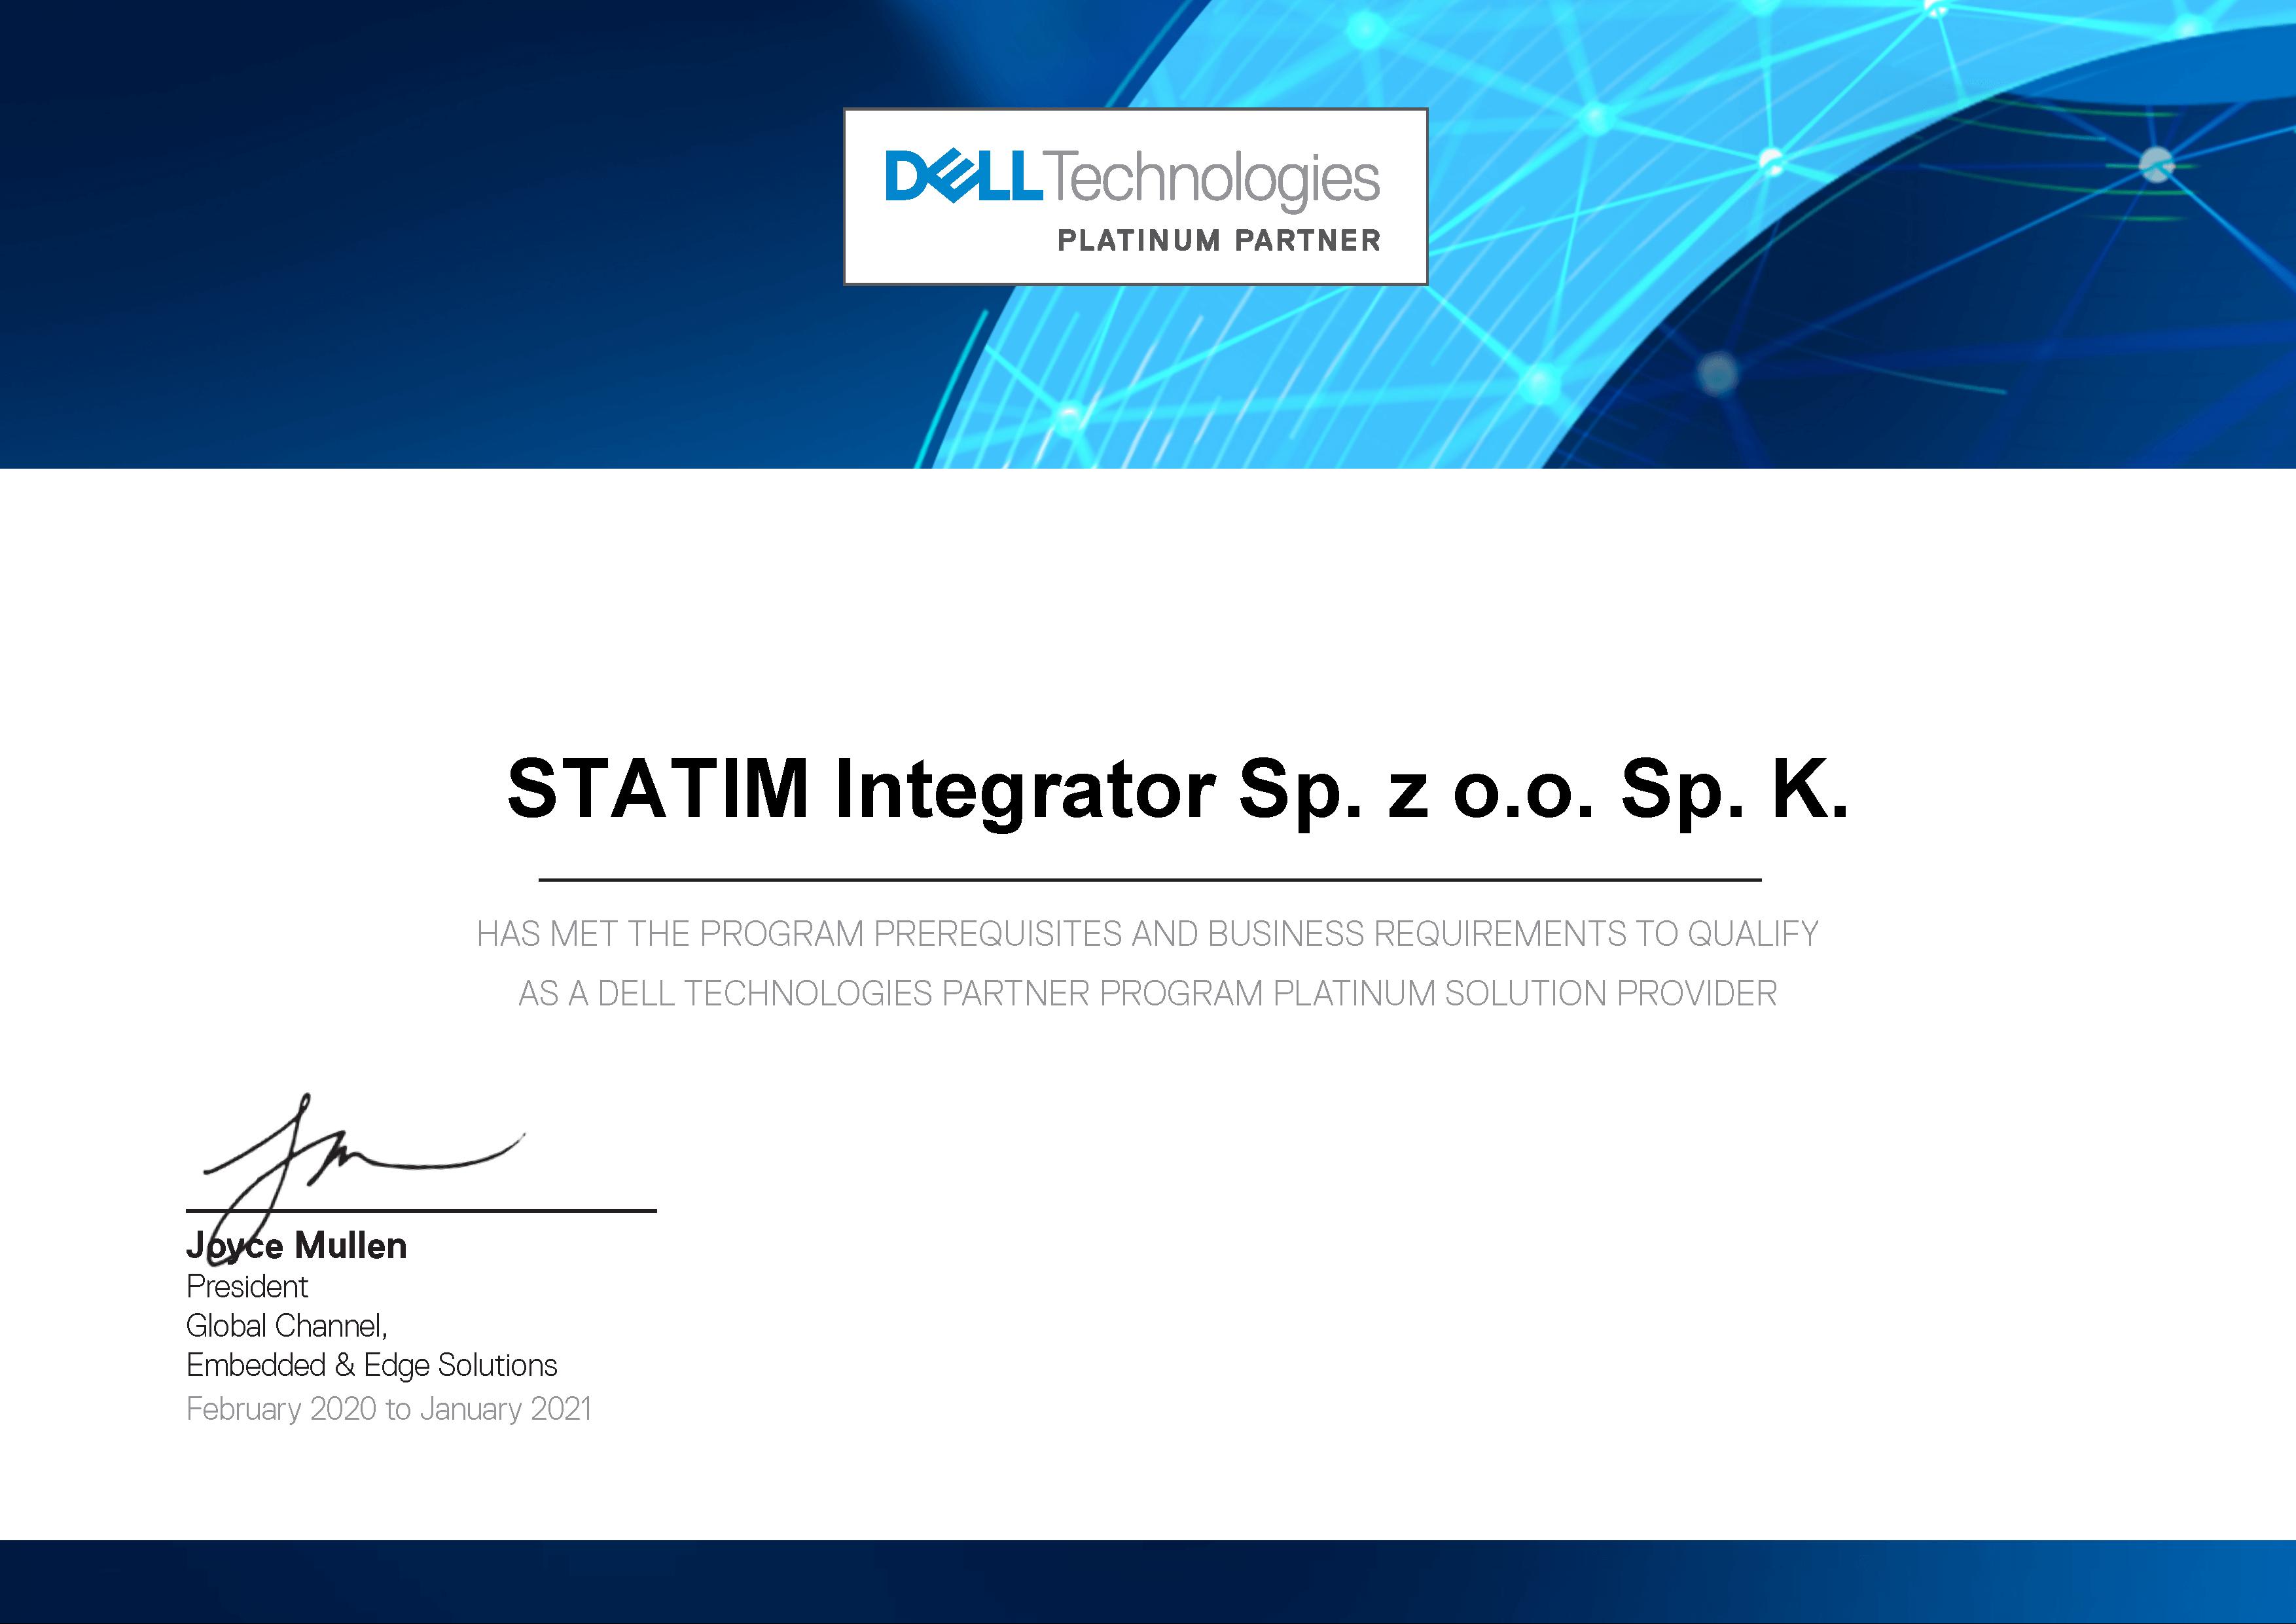 Statim Integrator ponownie w gronie Platynowych Partnerów Dell Technologies